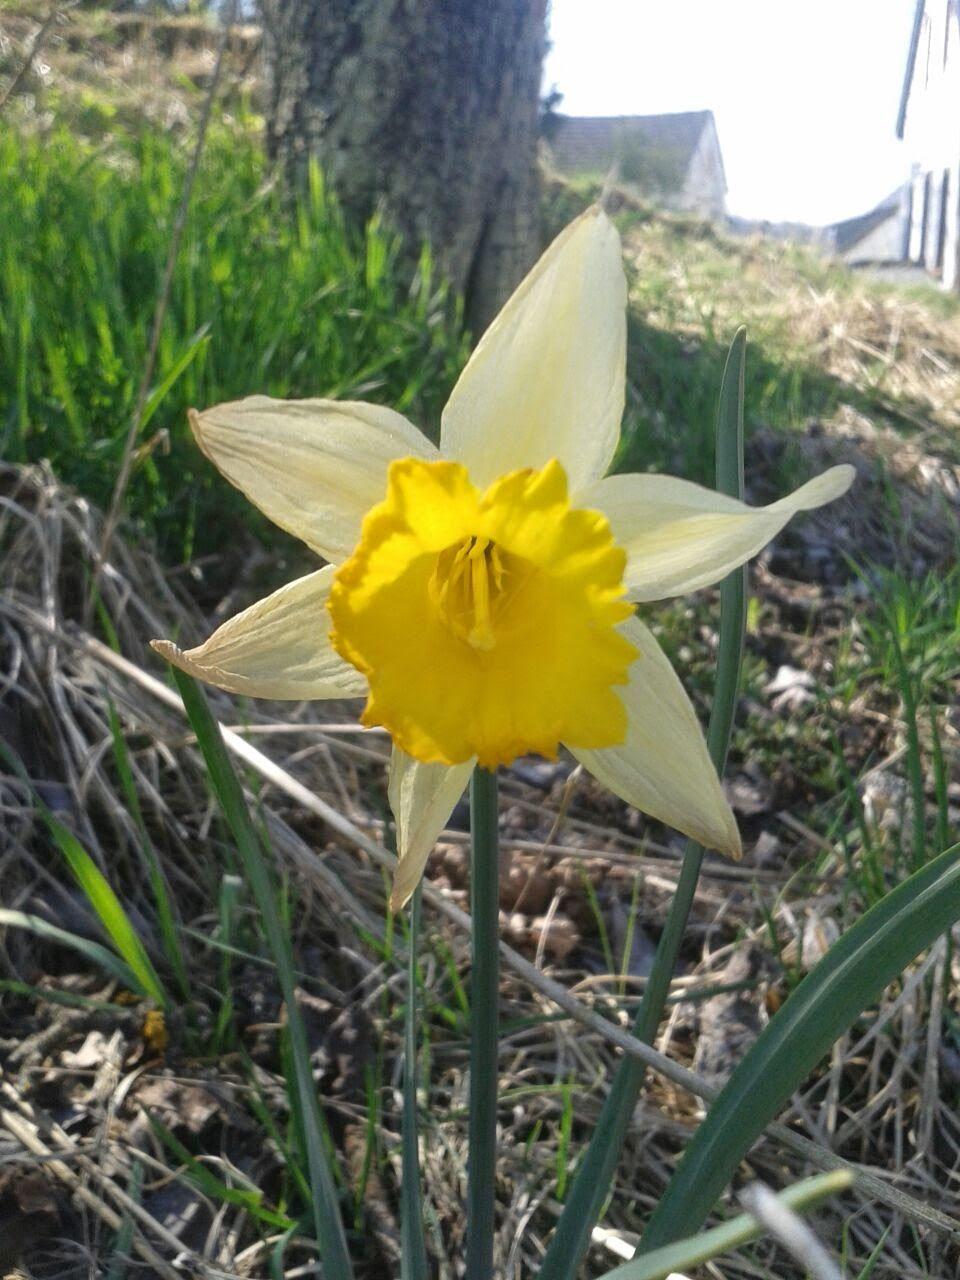 Mein Wundervoller Garten Narzissen Gehoren Zu Den Ersten Blumen